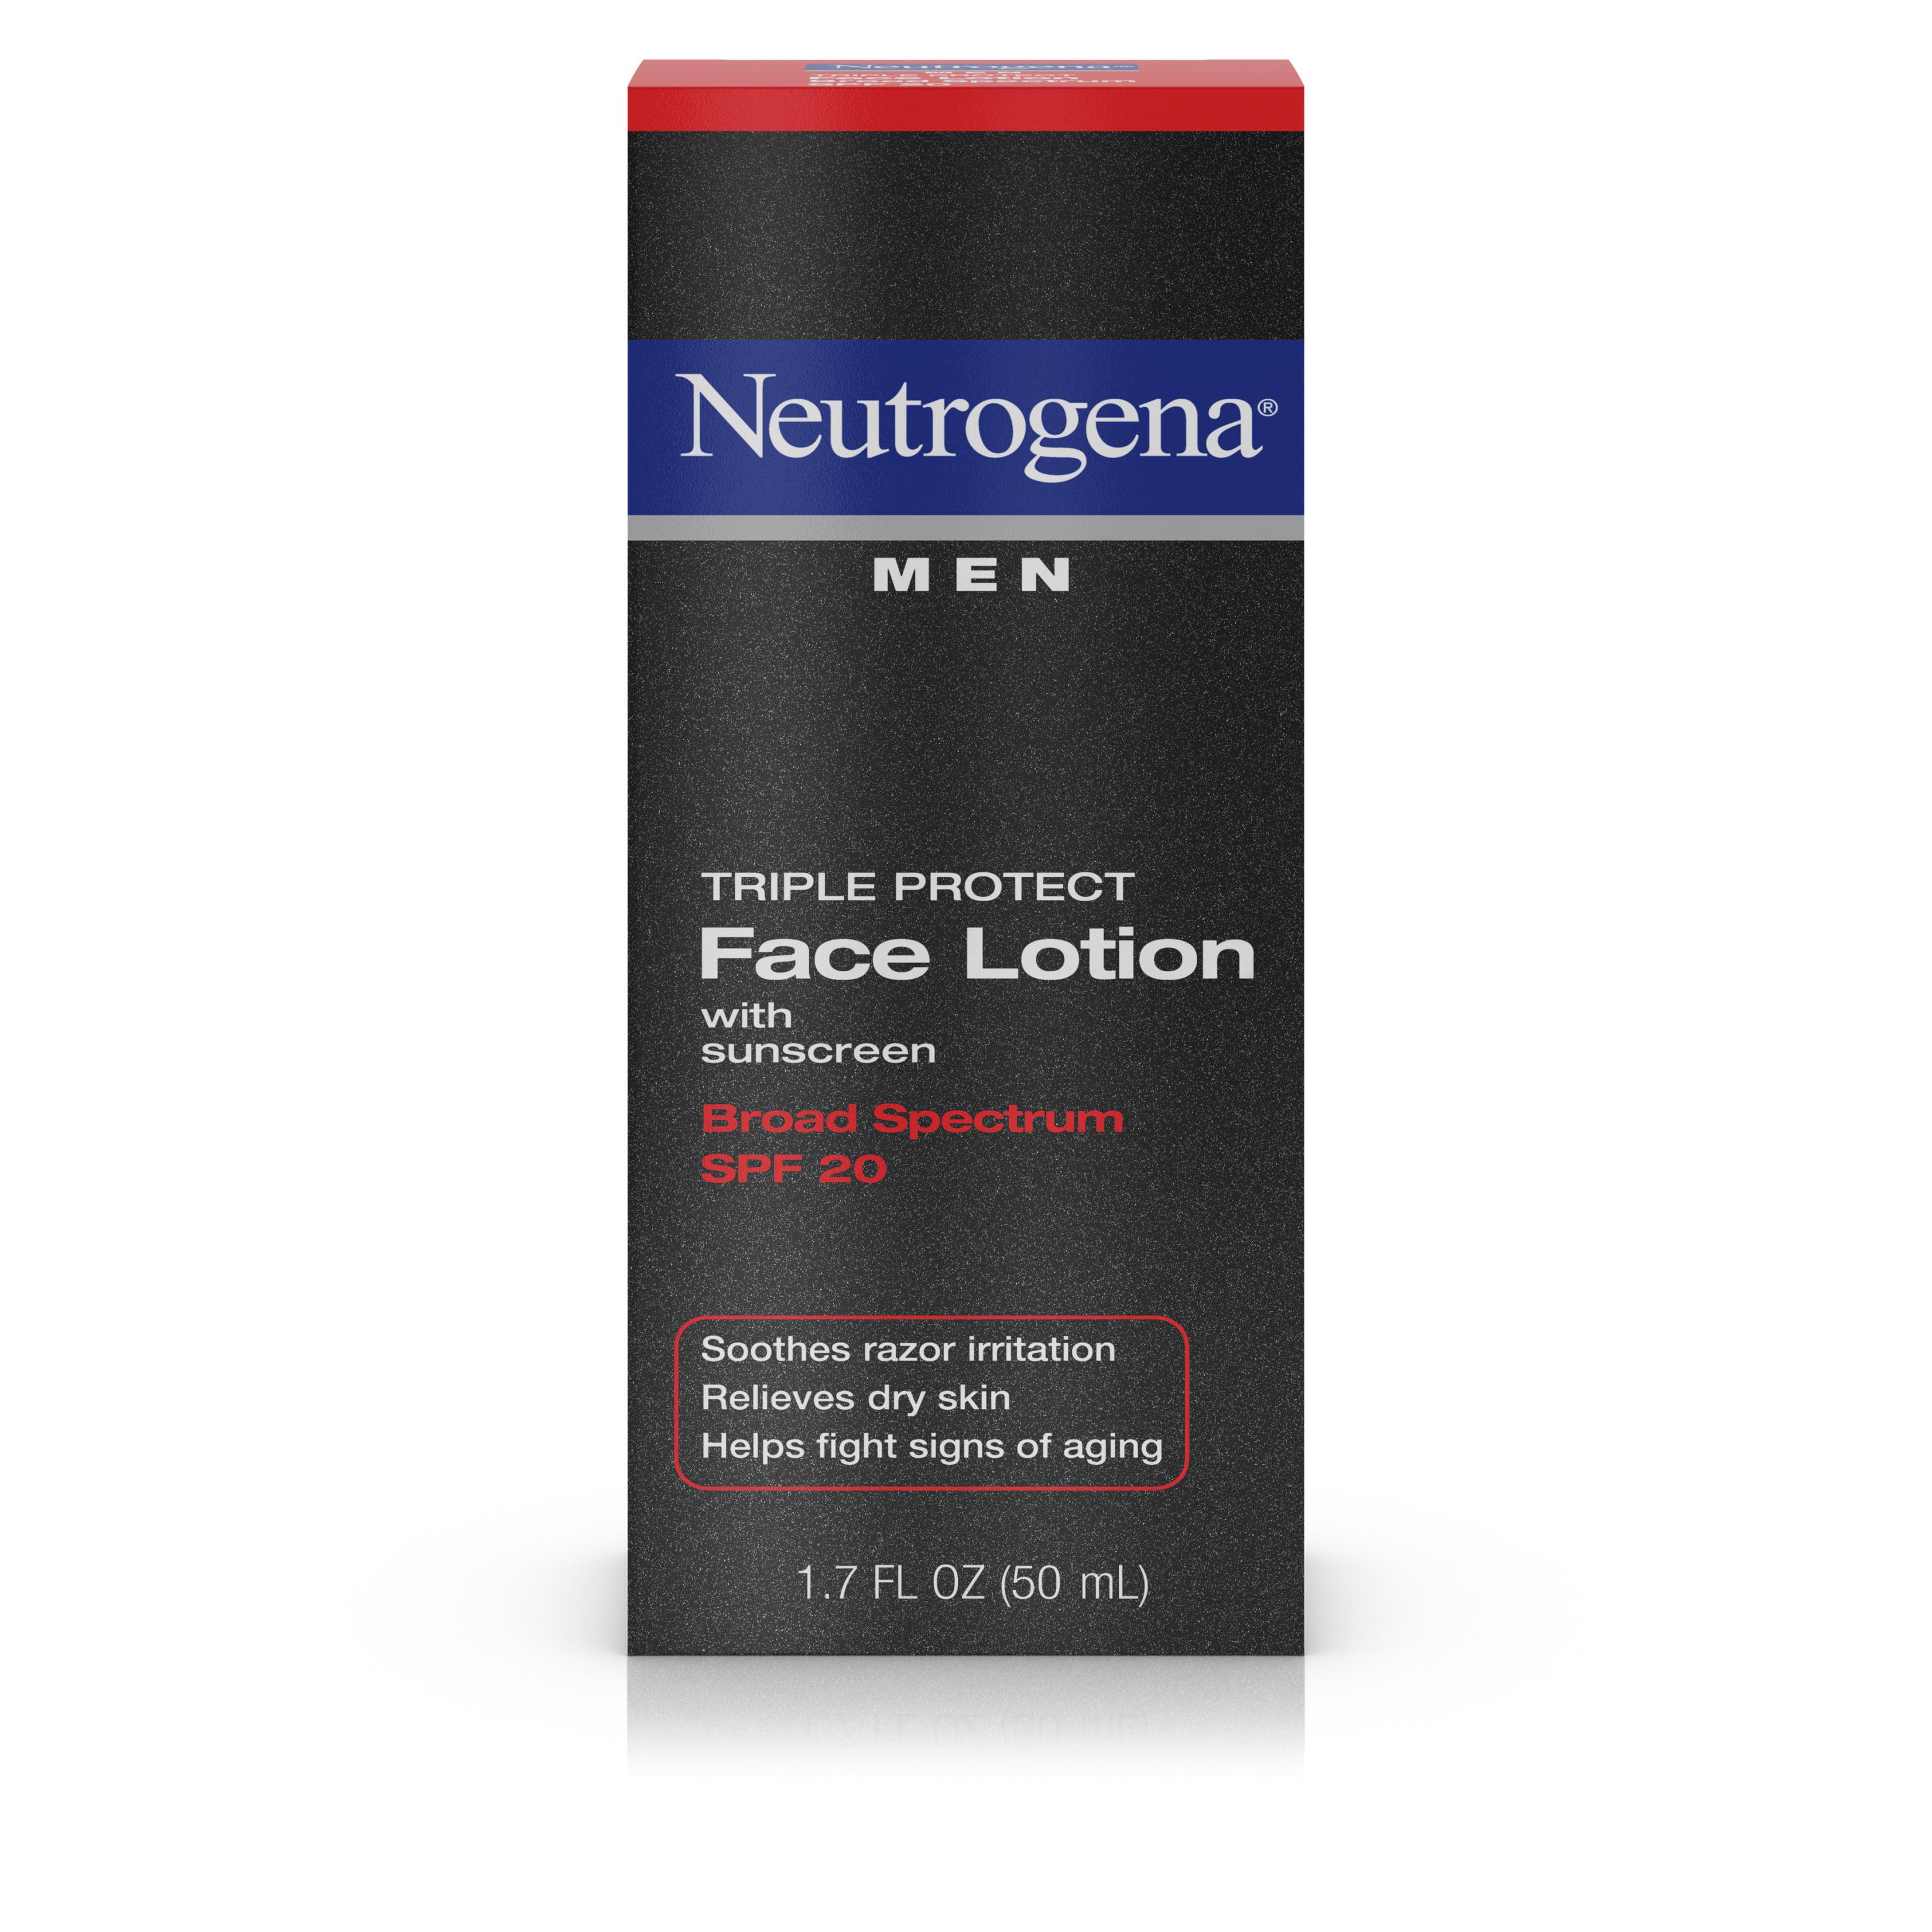 Neutrogena Triple Protect Mens Face Lotion Spf 20 17 Fl Oz Nivea Moisture Sun 50 100 M